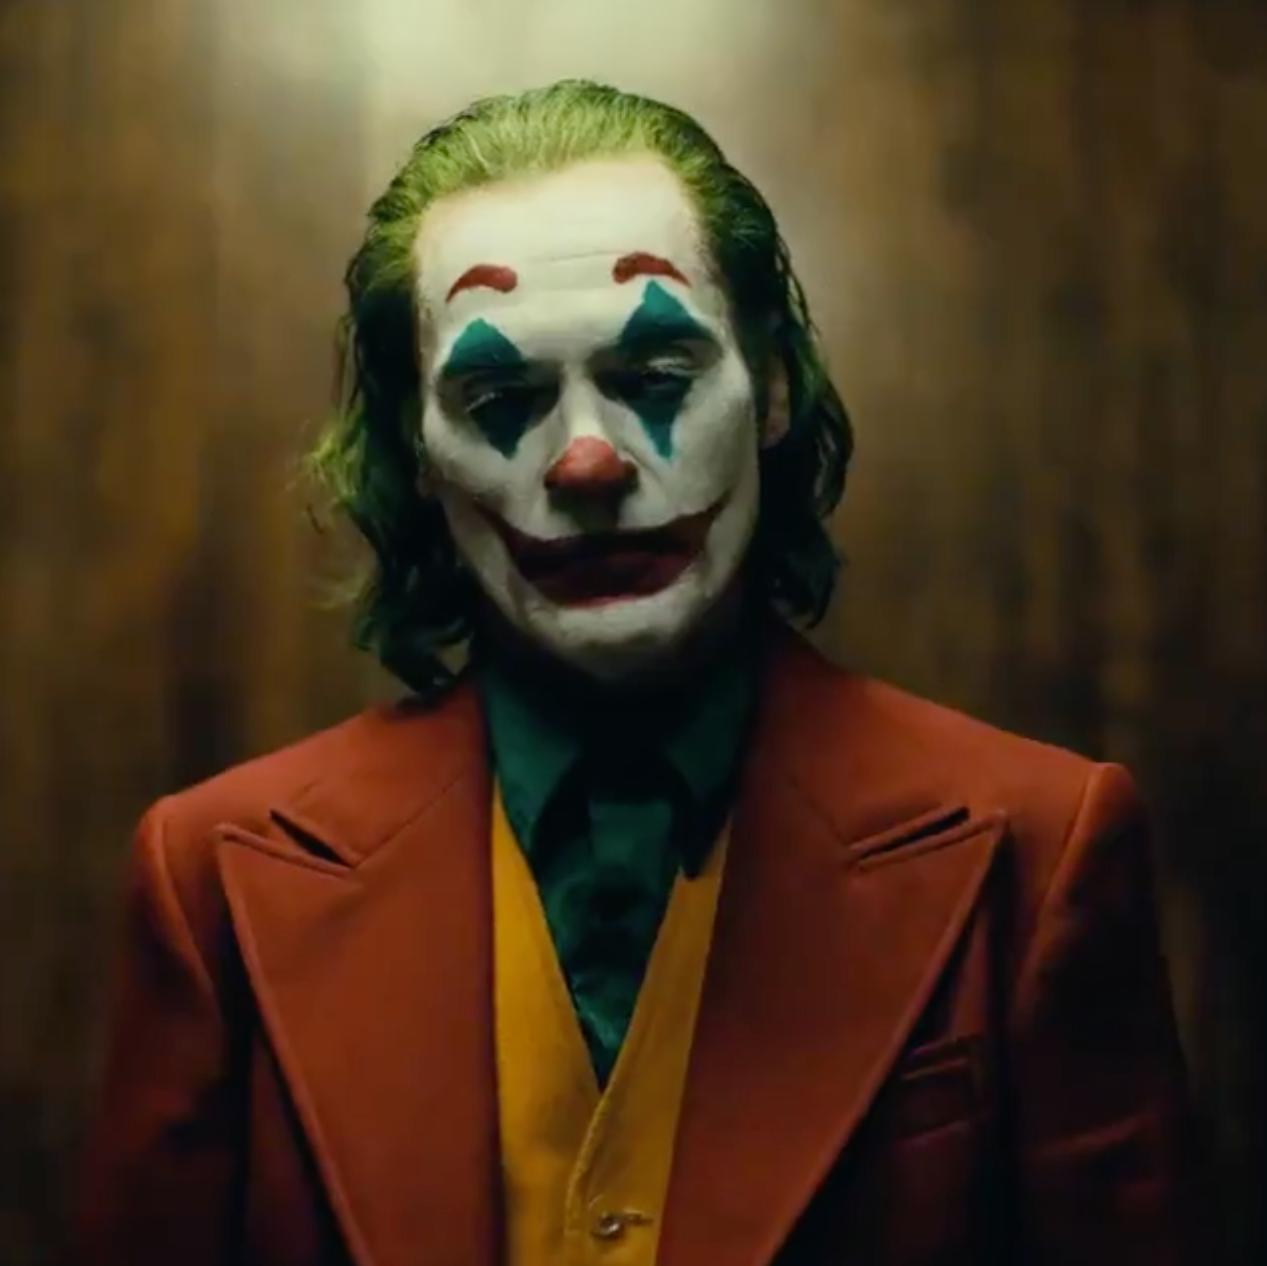 獨立電影《Joker》的黑暗「寓言」 非一般DC英雄片